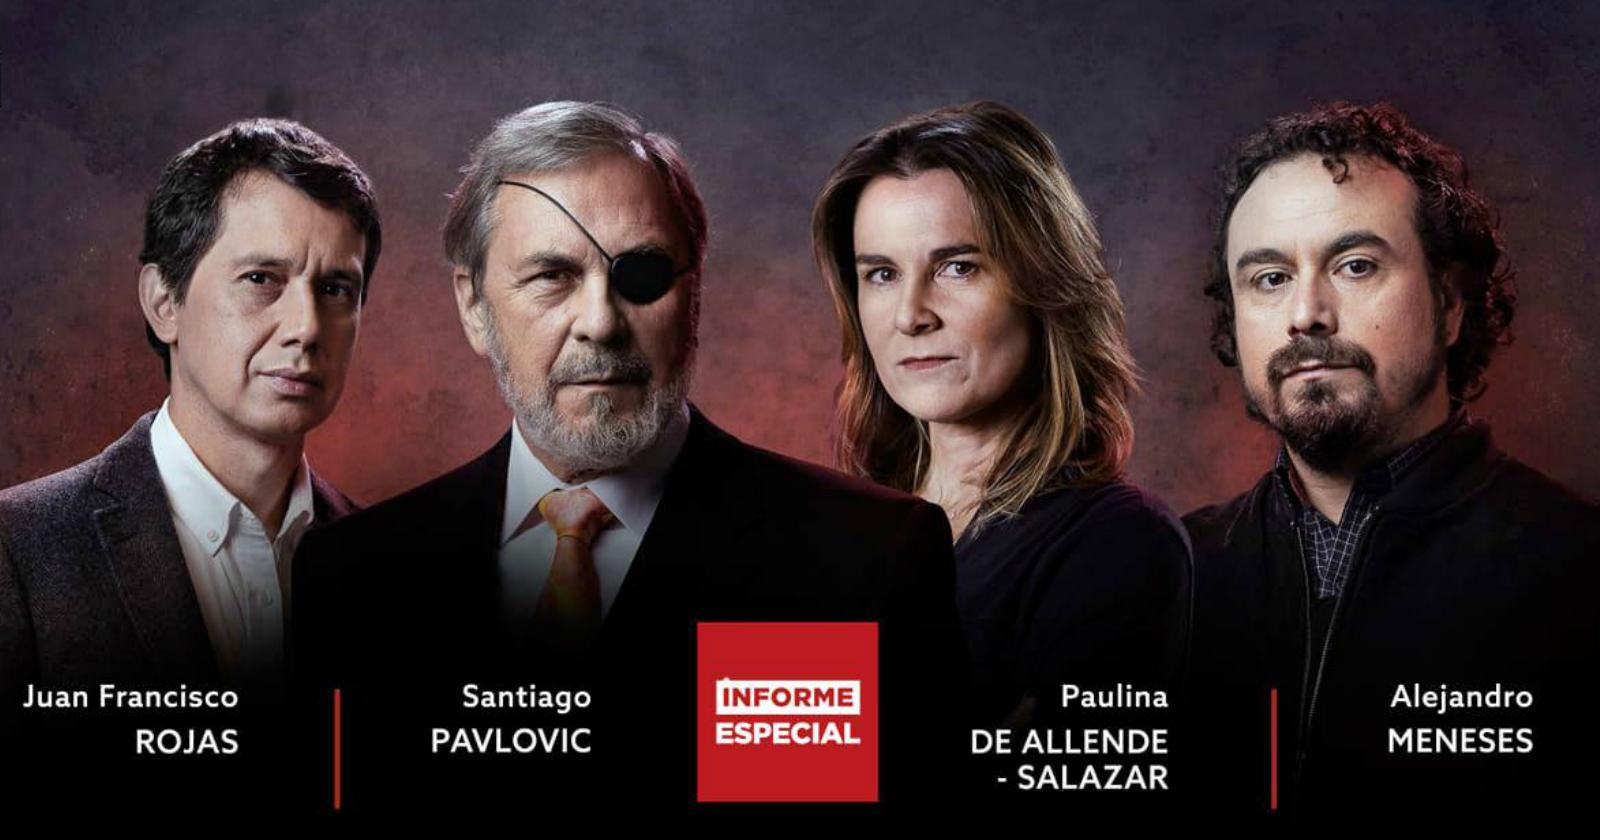 Informe Especial lideró la sintonía con debut de nueva temporada enfocada en caso de Antonia Barra